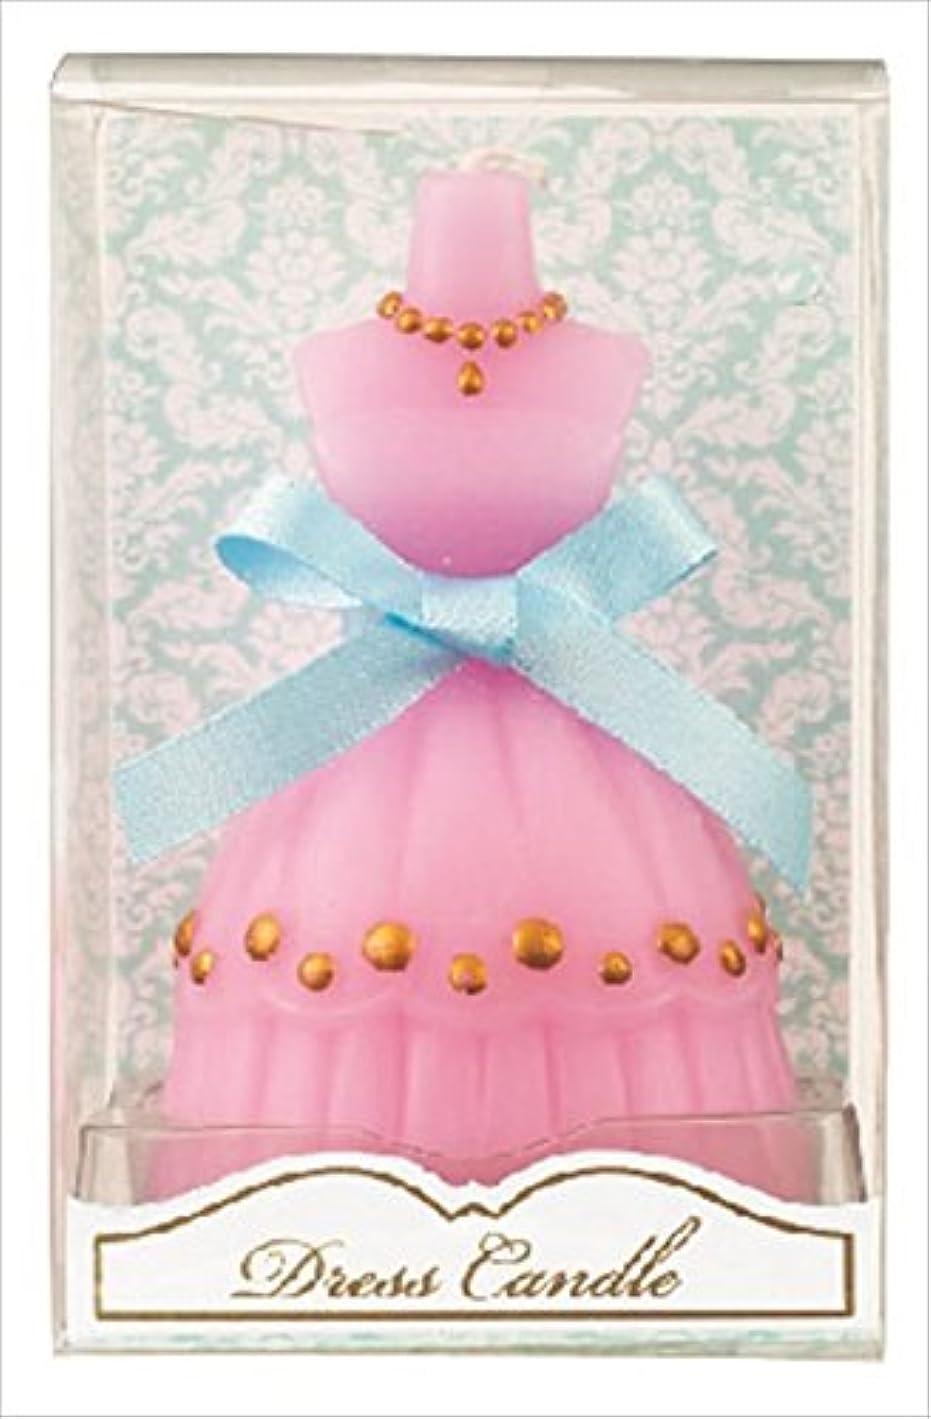 製造看板セットするkameyama candle(カメヤマキャンドル) ドレスキャンドル 「 ピンク 」 キャンドル 60x54x98mm (A4460500PK)